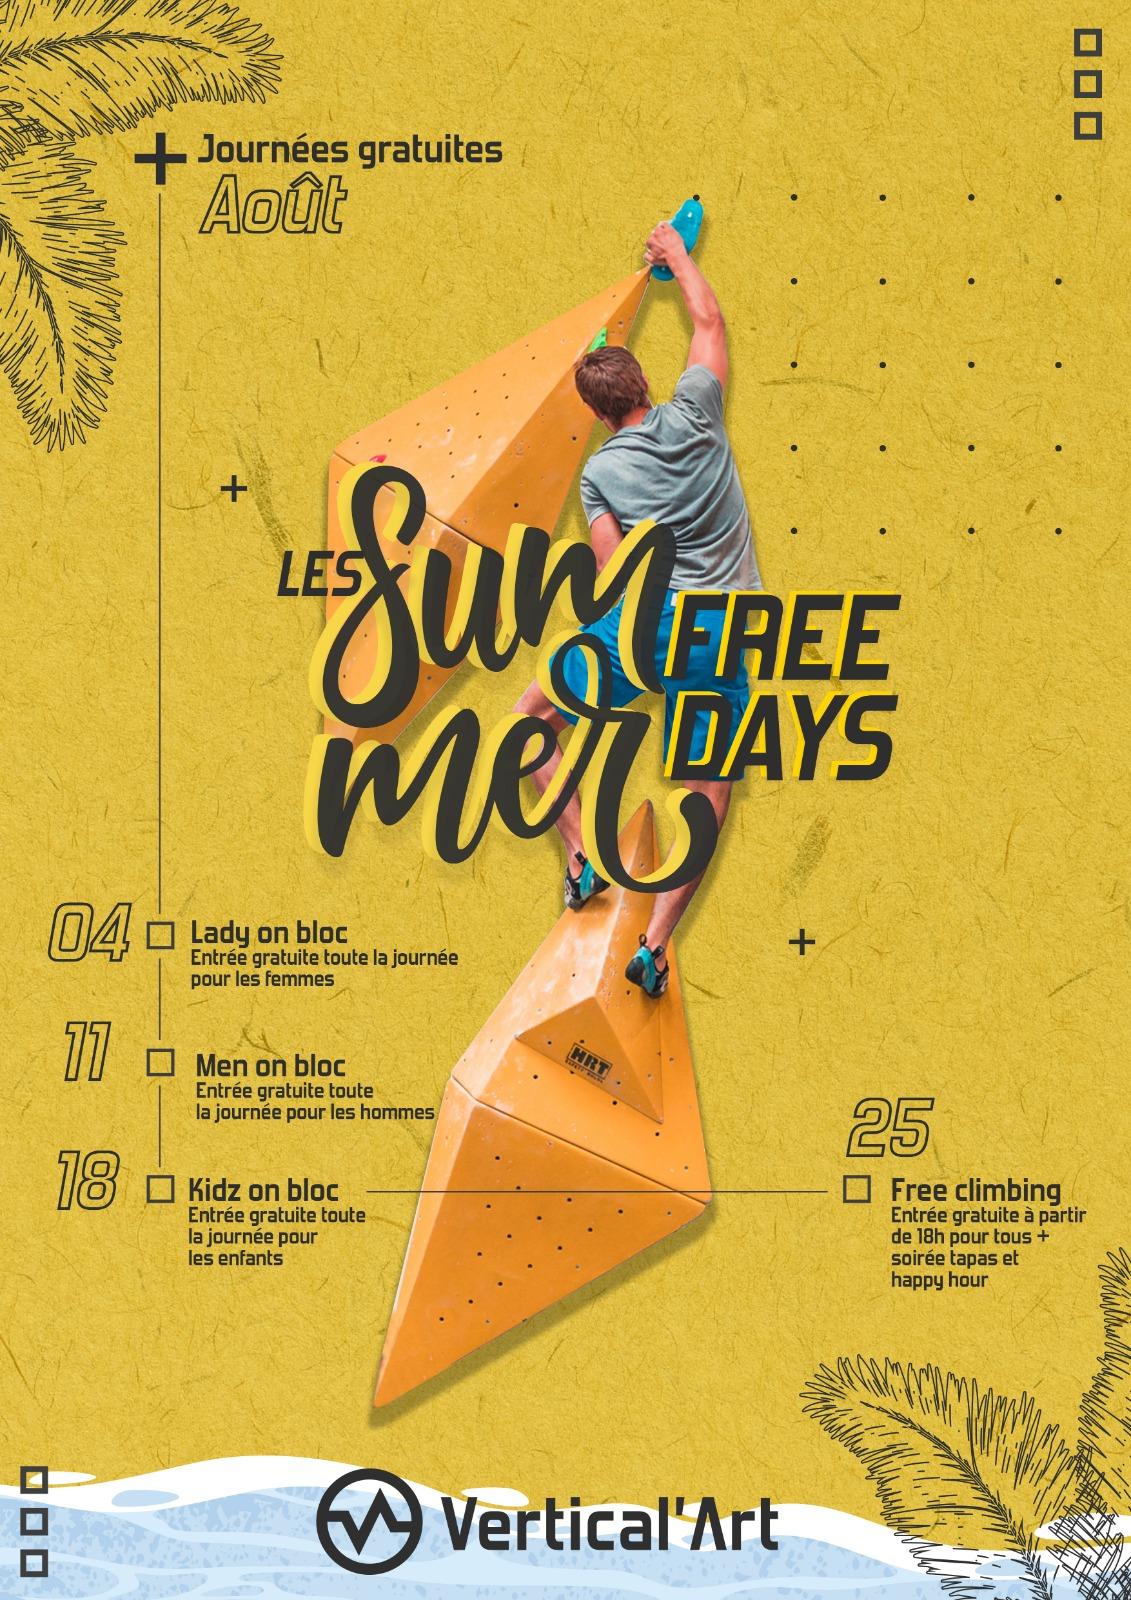 Summer Free Days Vertical'Art août 2021, l'été sera sportif dans vos salles d'escalade